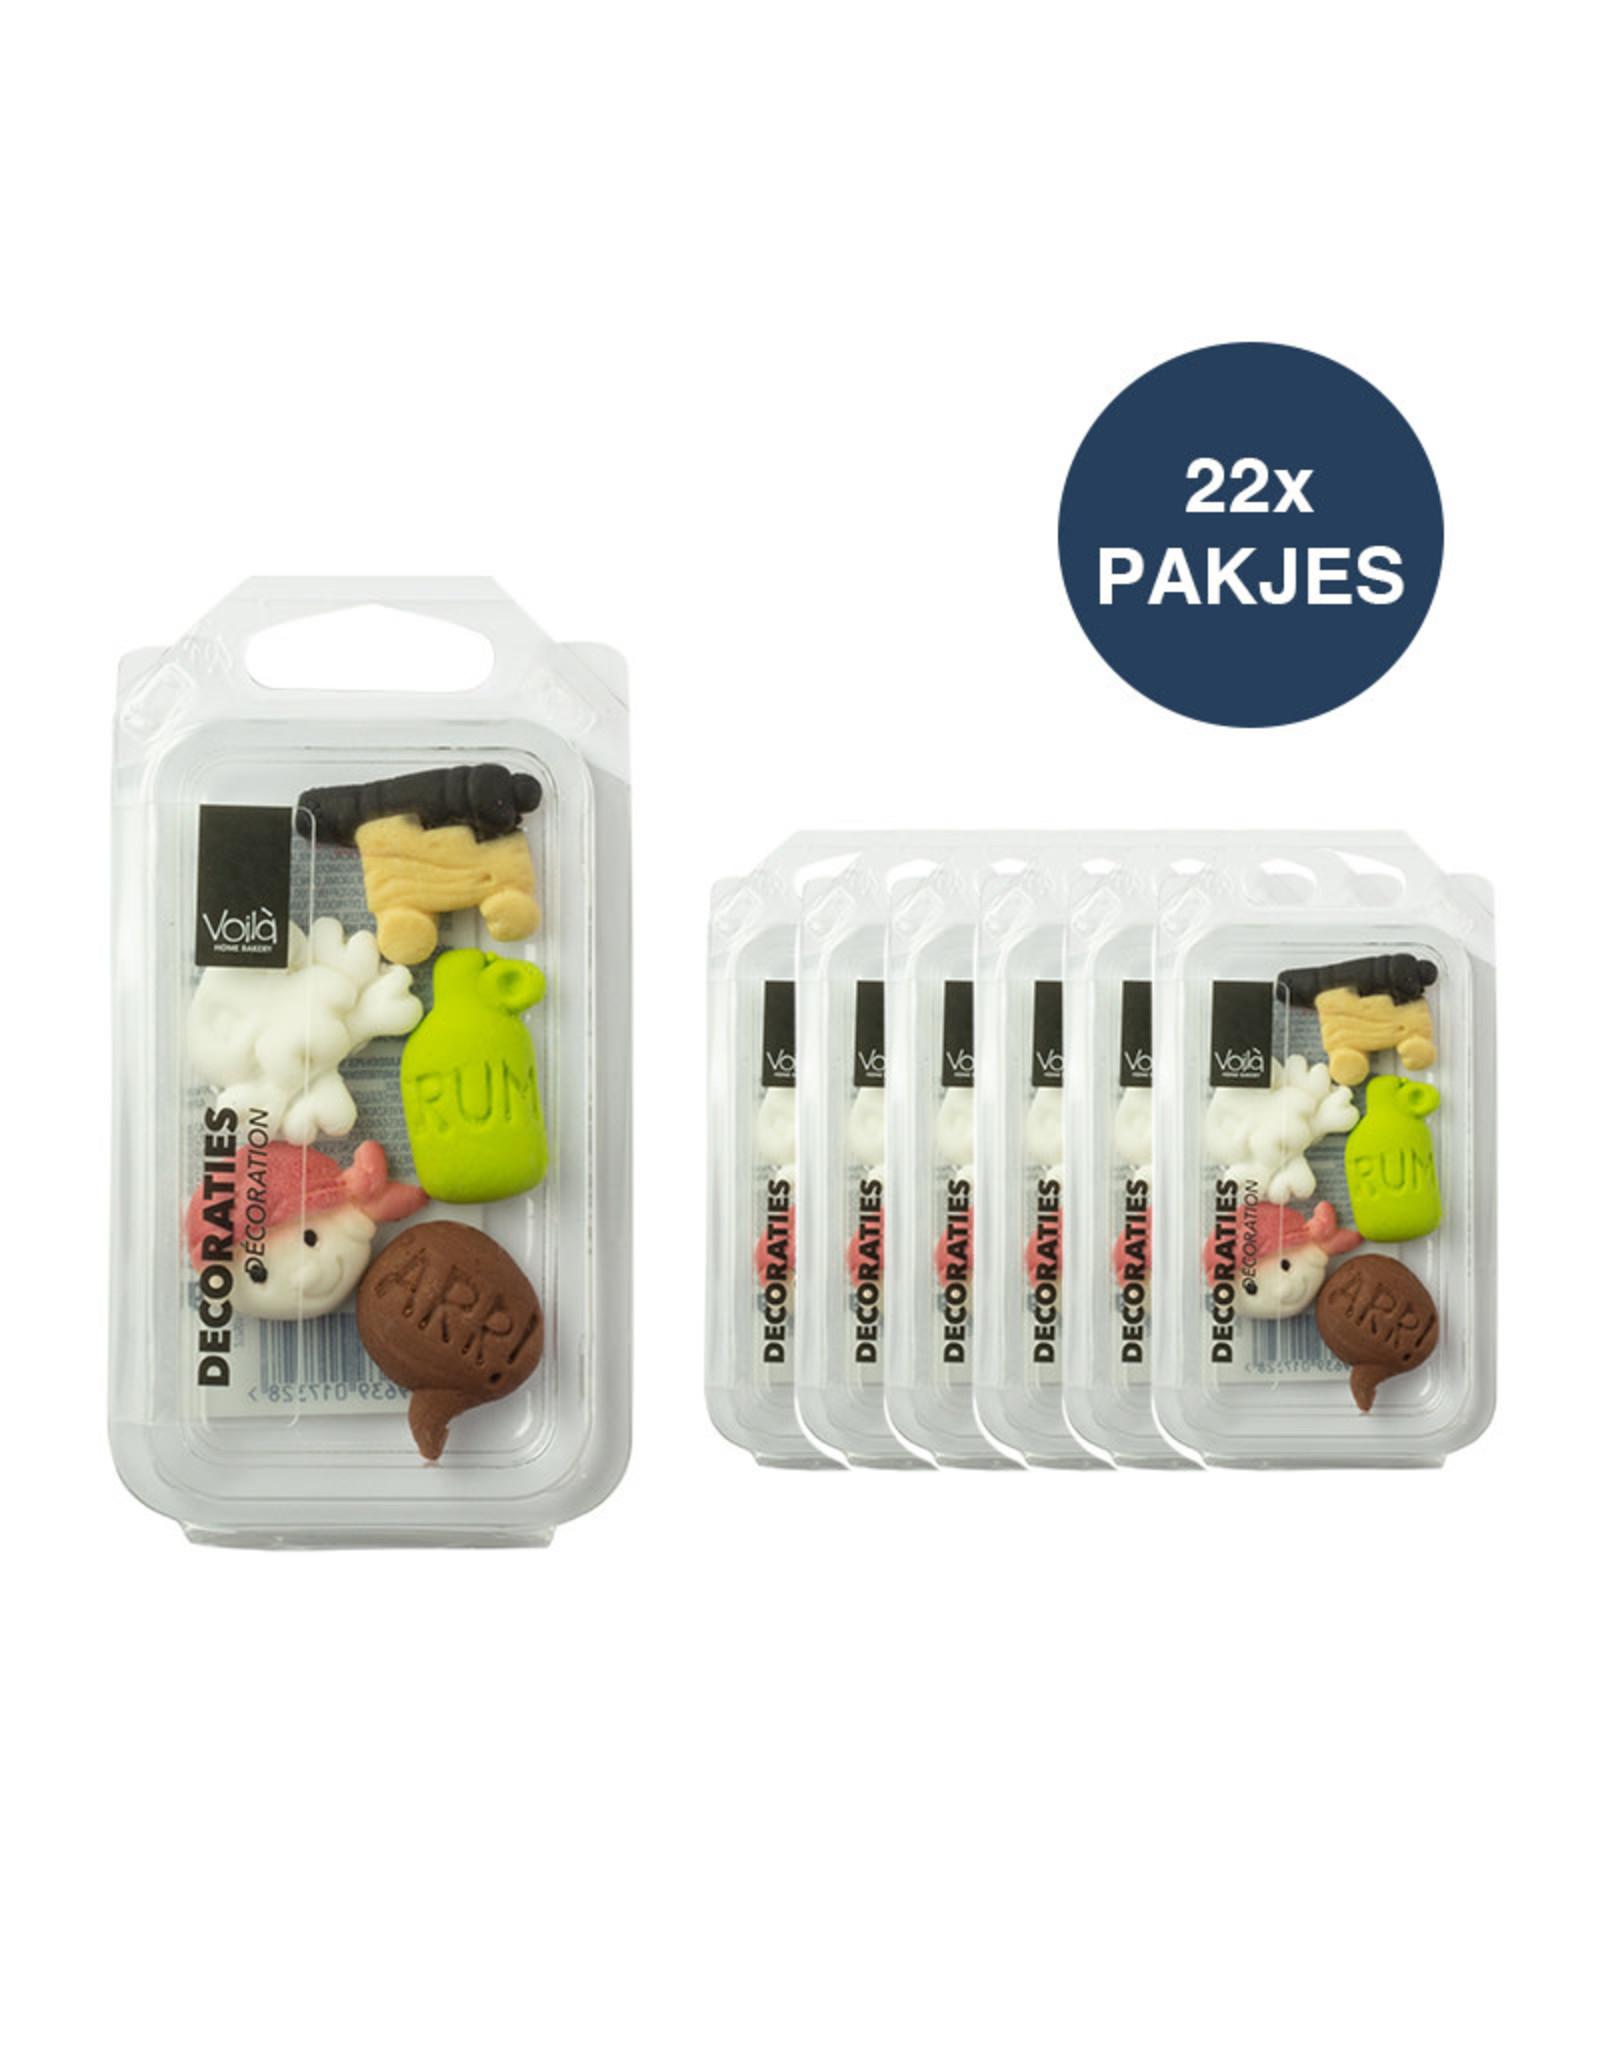 VOILA Home Bakery Voila Suikerdecoratie Piraten - 22x 14 gram